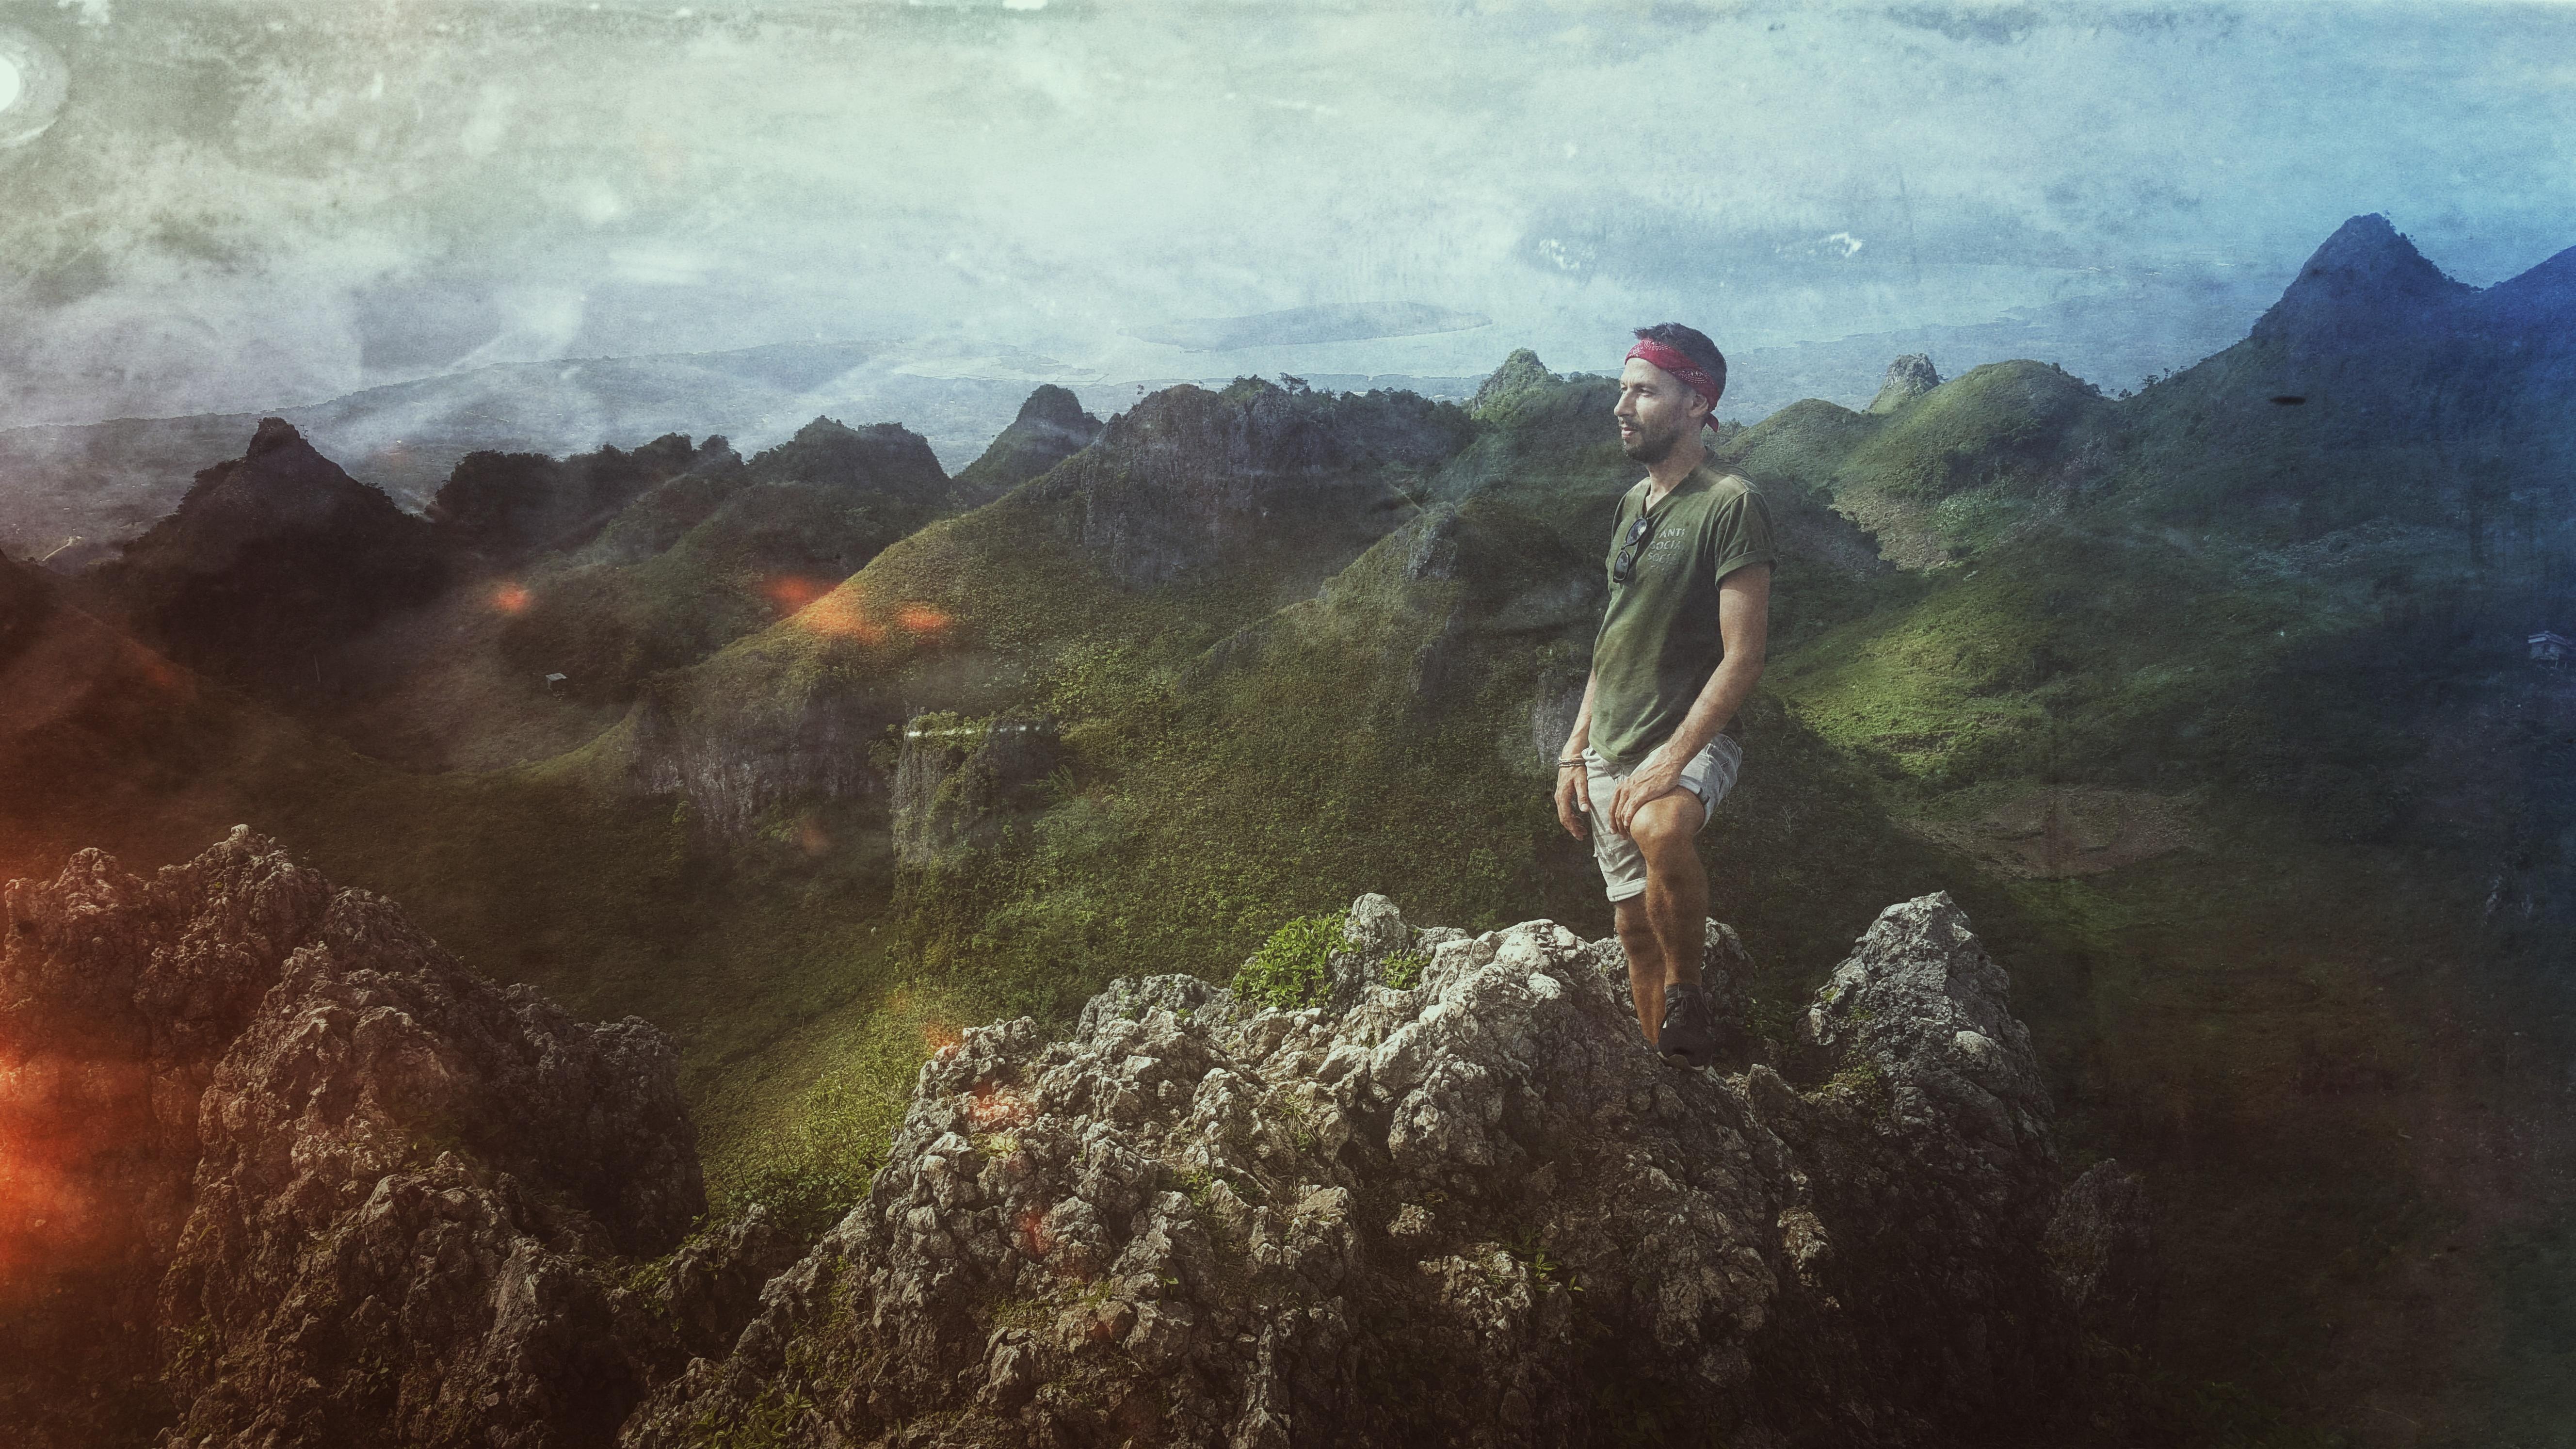 Humboldt-like at Osmena Peak, Cebu, Philippines